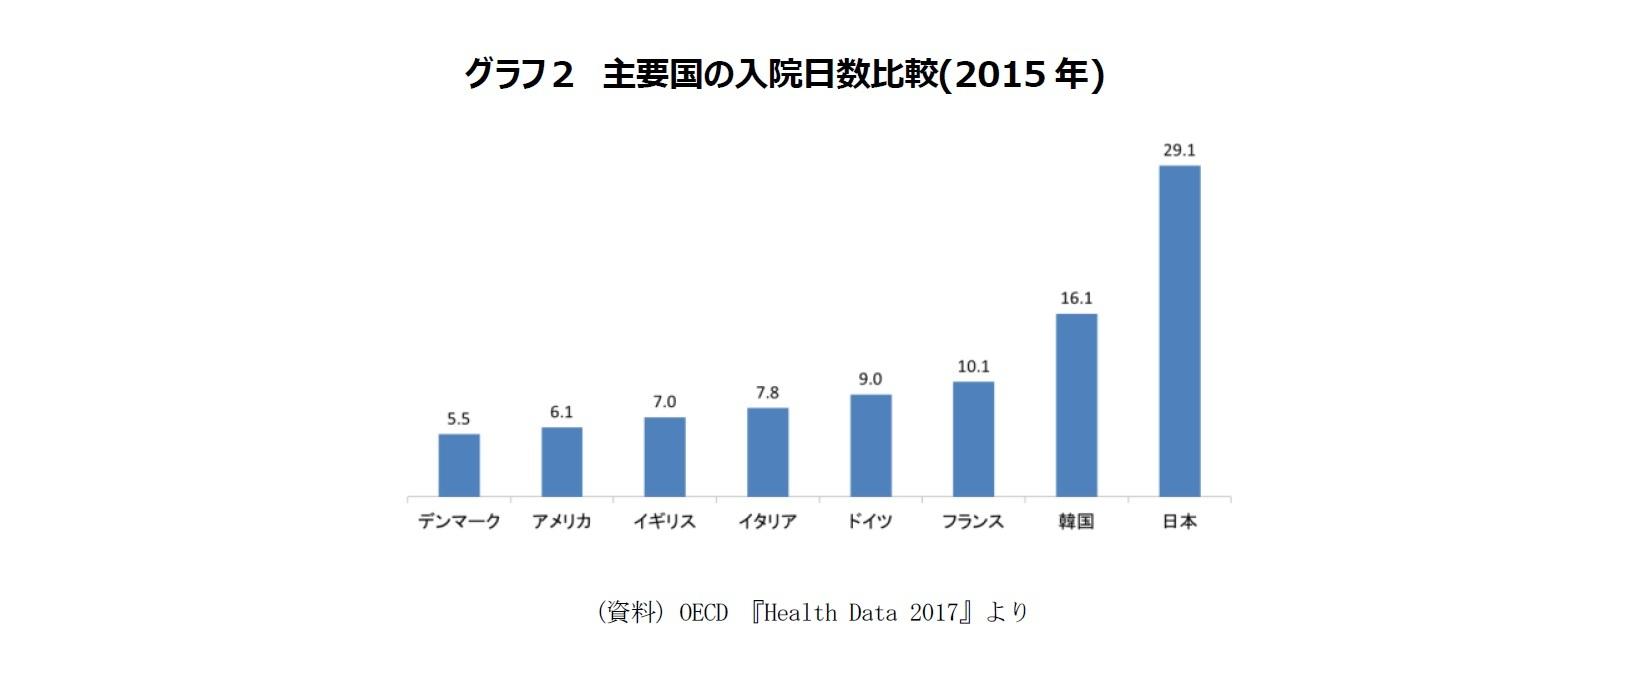 グラフ2 主要国の入院日数比較(2015年)